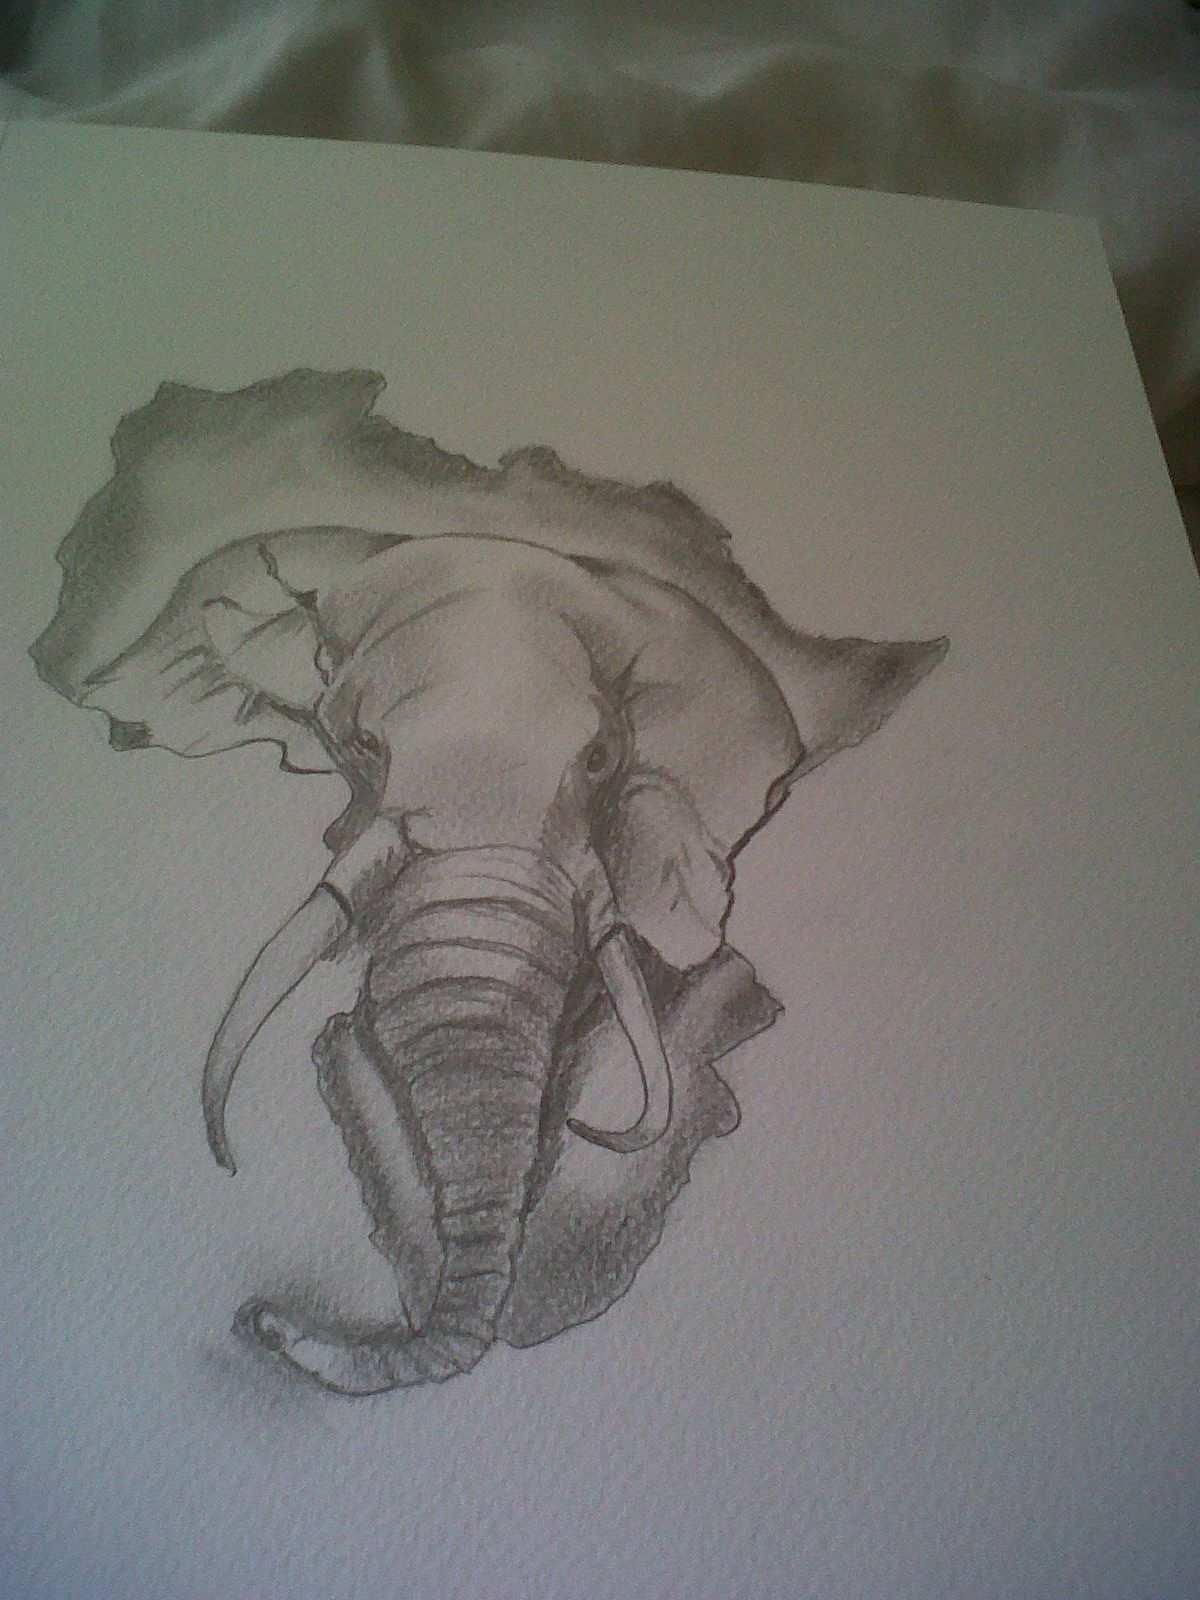 Pin Von Richard Telp Auf Tattoo Tattoo Elefanten Afrika Karte Tattoo Vorlagen